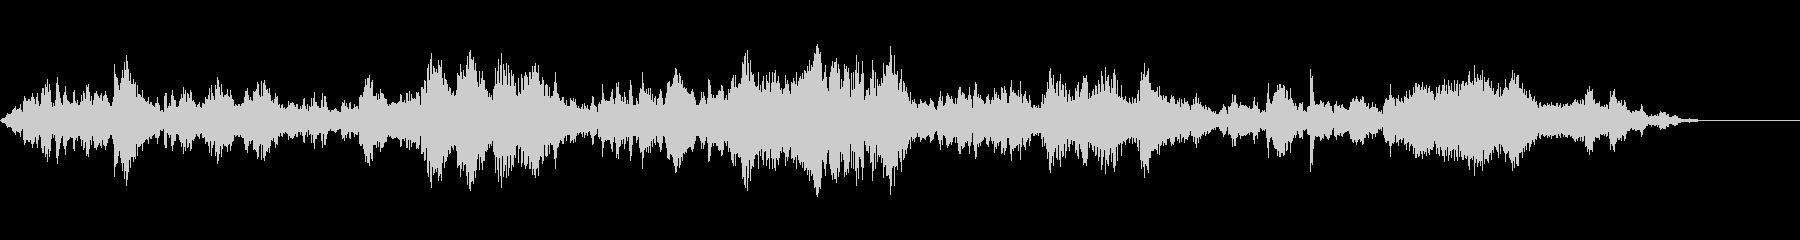 ジャングルバード-サル-ミックスエンの未再生の波形